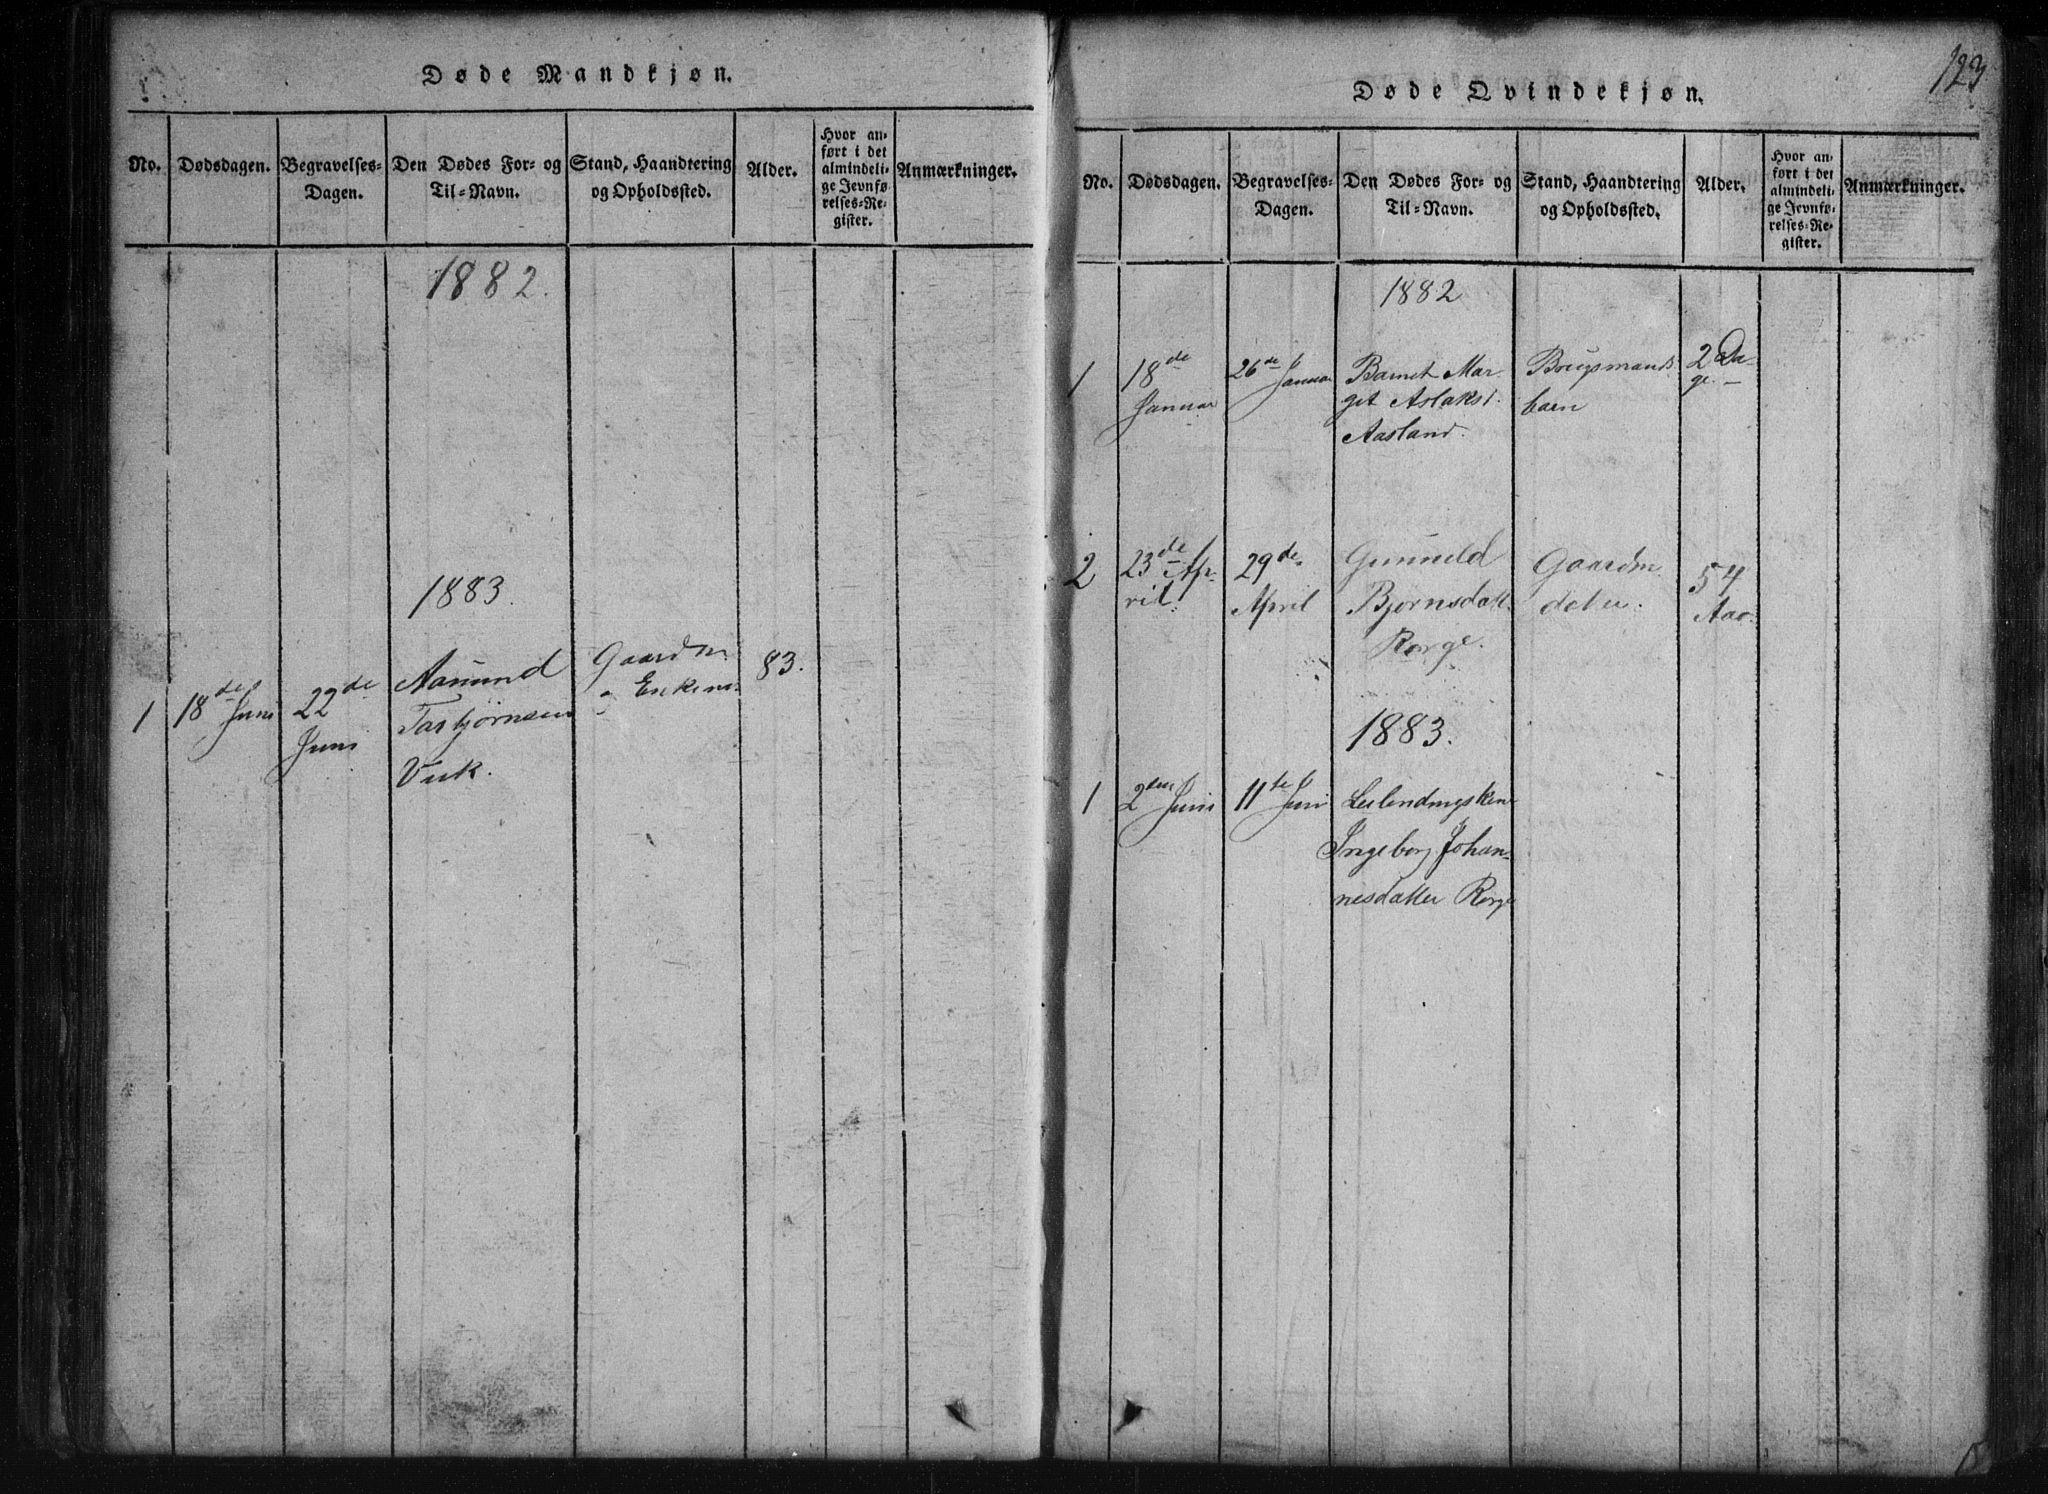 SAKO, Rauland kirkebøker, G/Gb/L0001: Klokkerbok nr. II 1, 1815-1886, s. 123